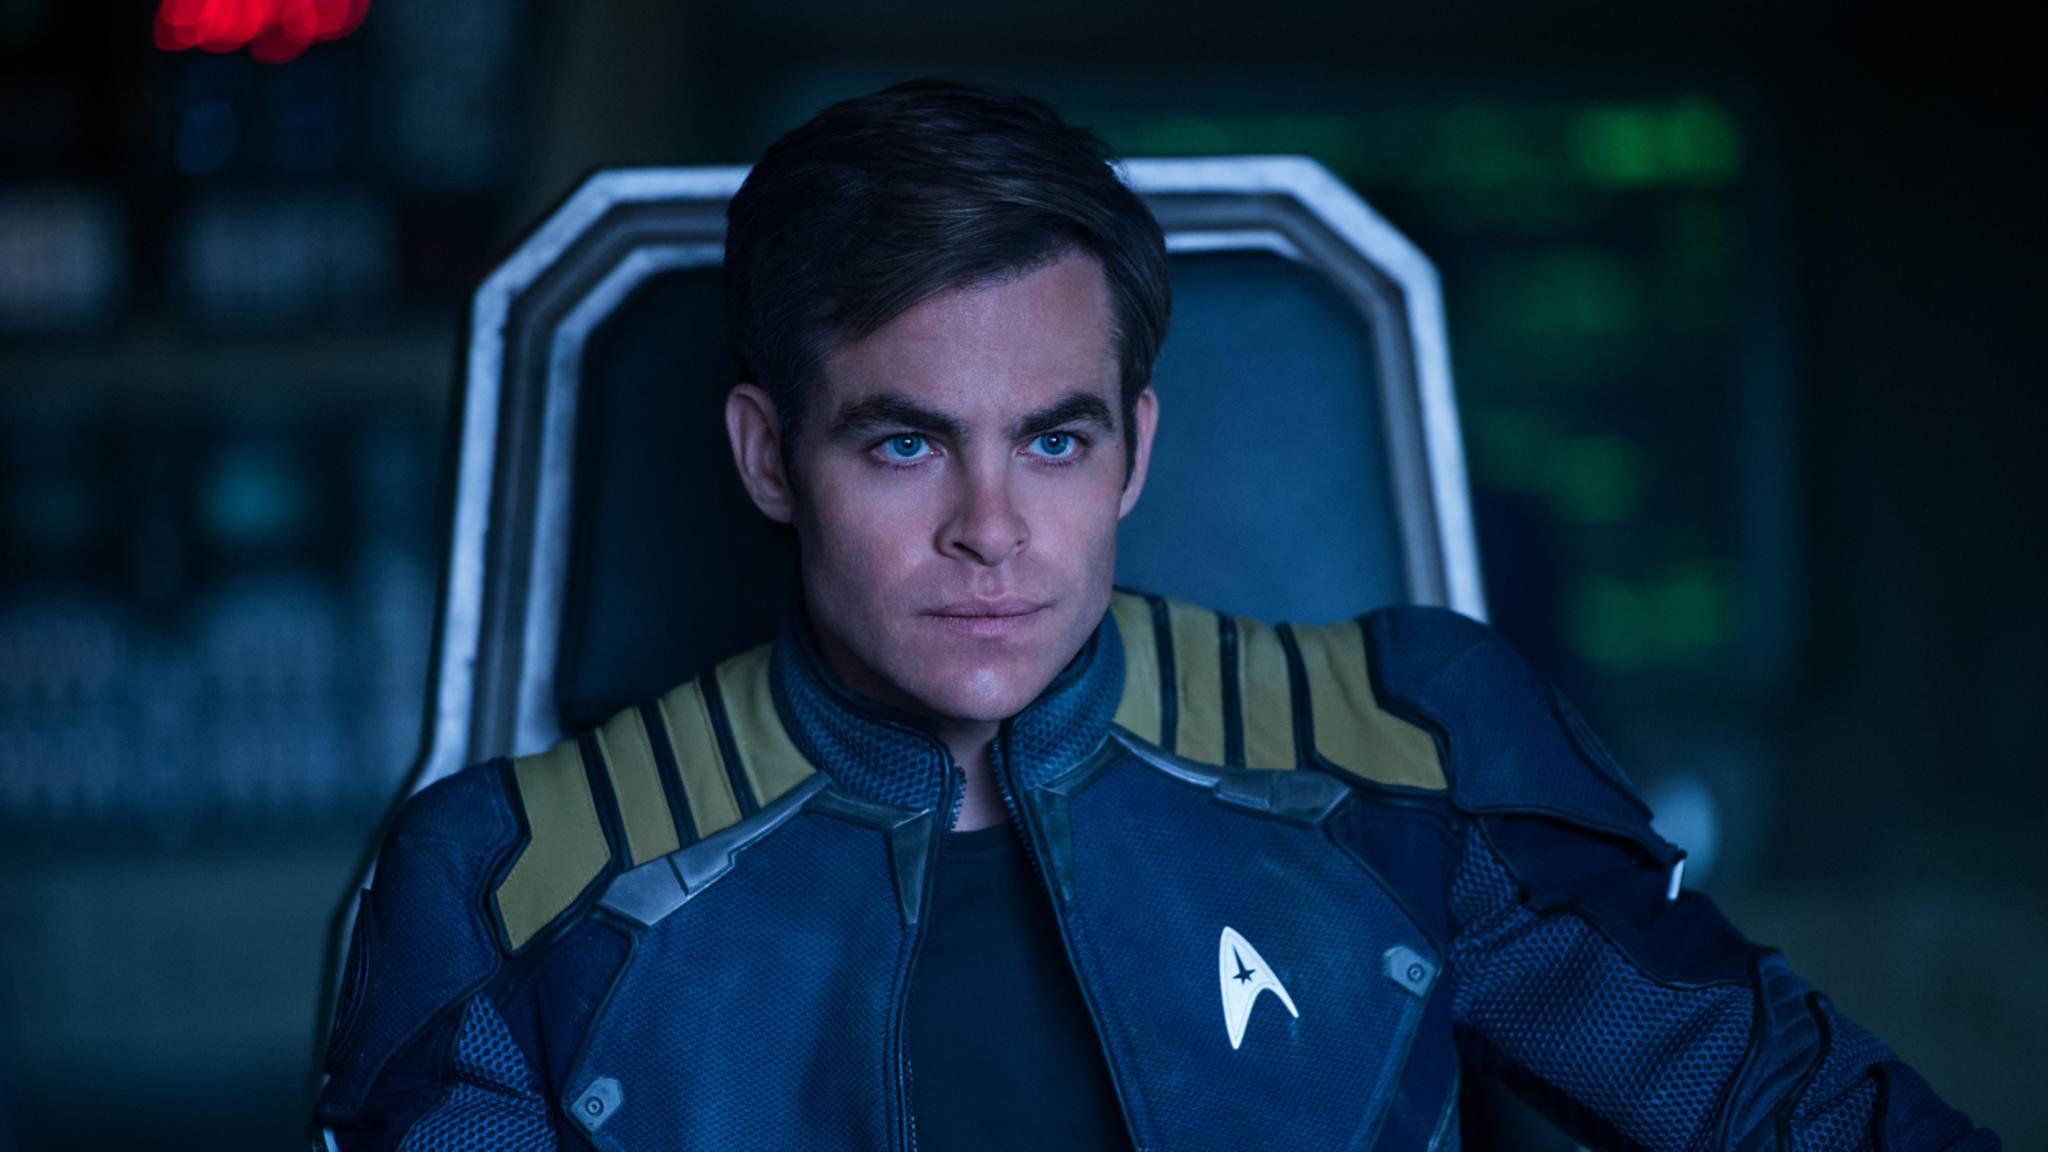 Frauenheld oder doch pragmatischer Raumschiff-Captain? Chris Pine spielt eine neue Interpretation von Captain James T. Kirk.